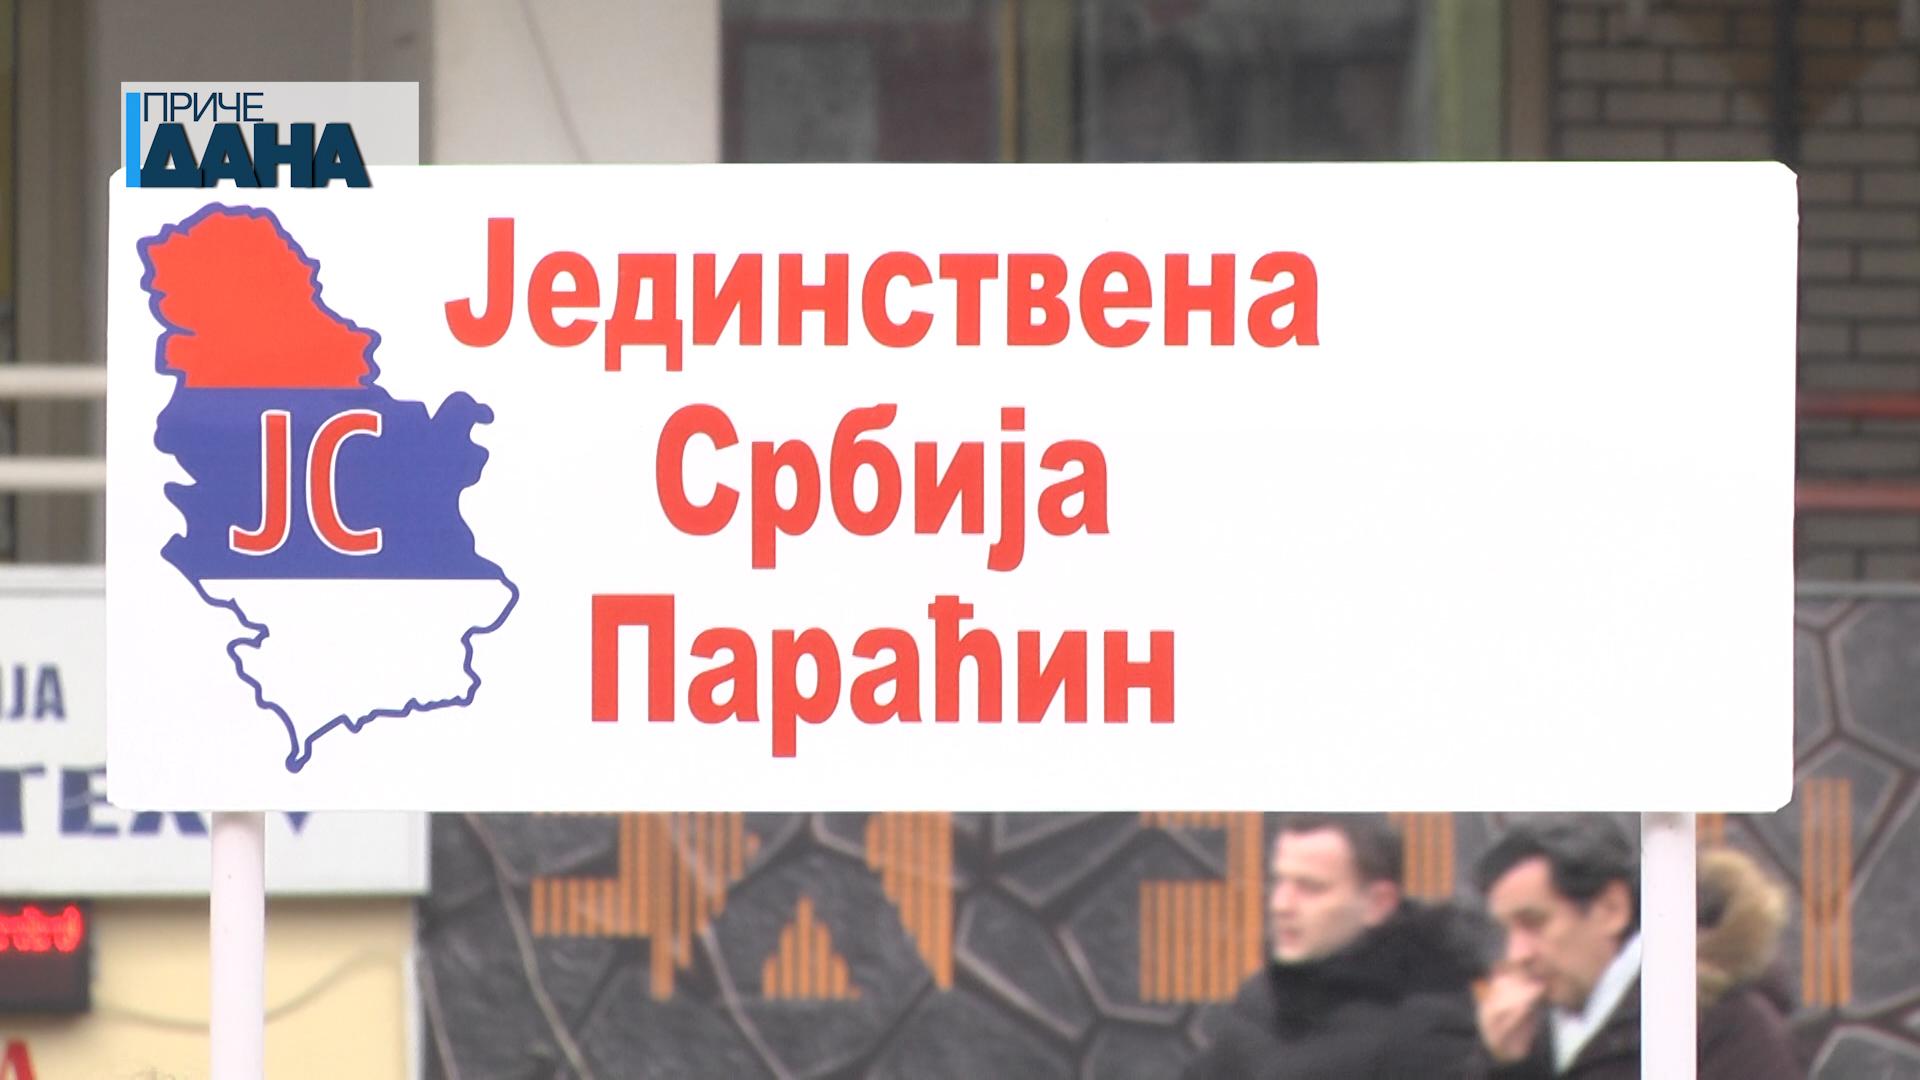 Štand Aktiva žena Jedinstvene Srbije Paraćin